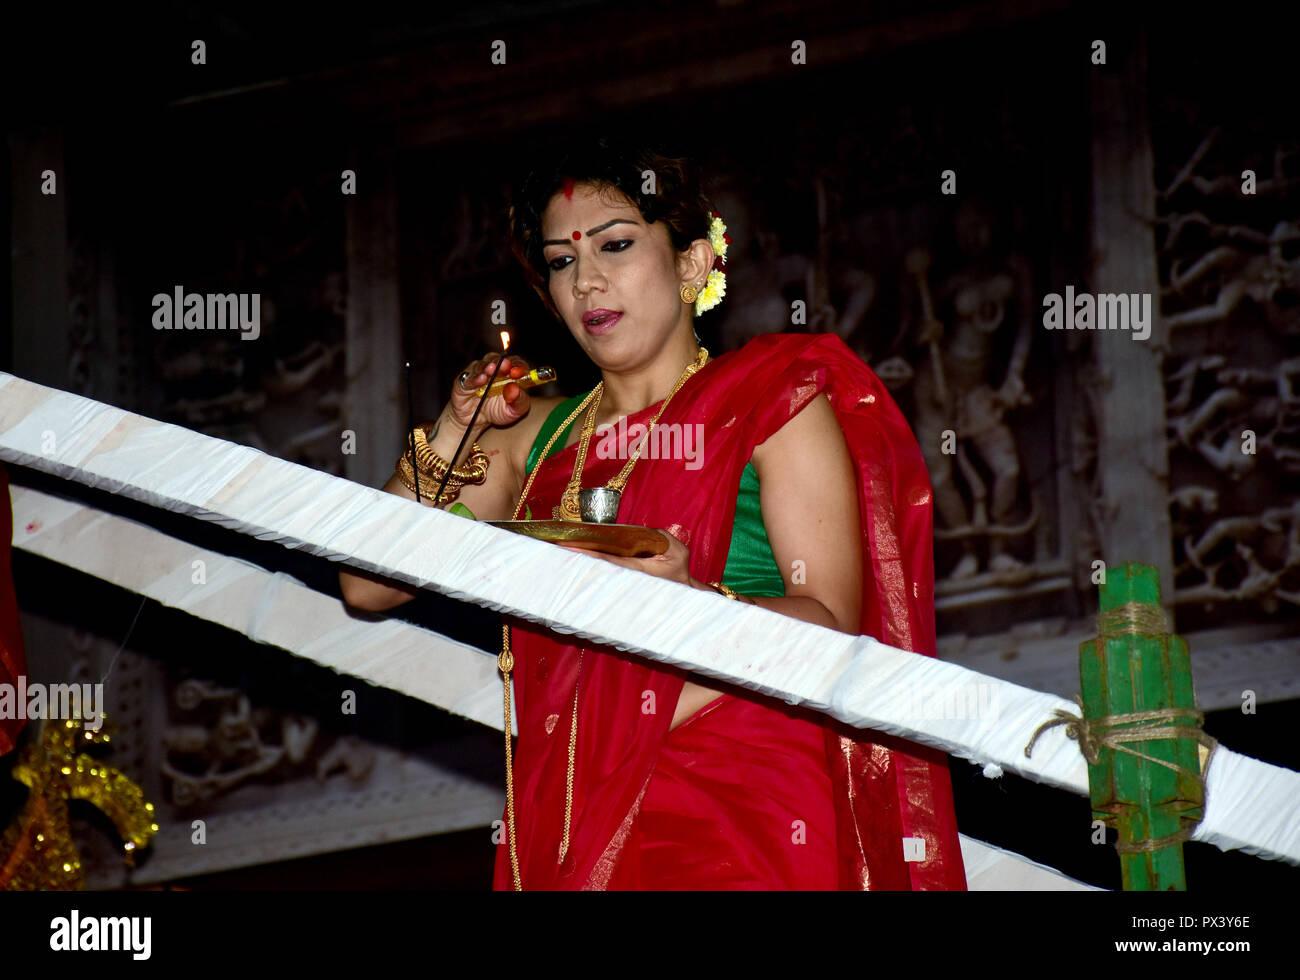 Mumbai married woman